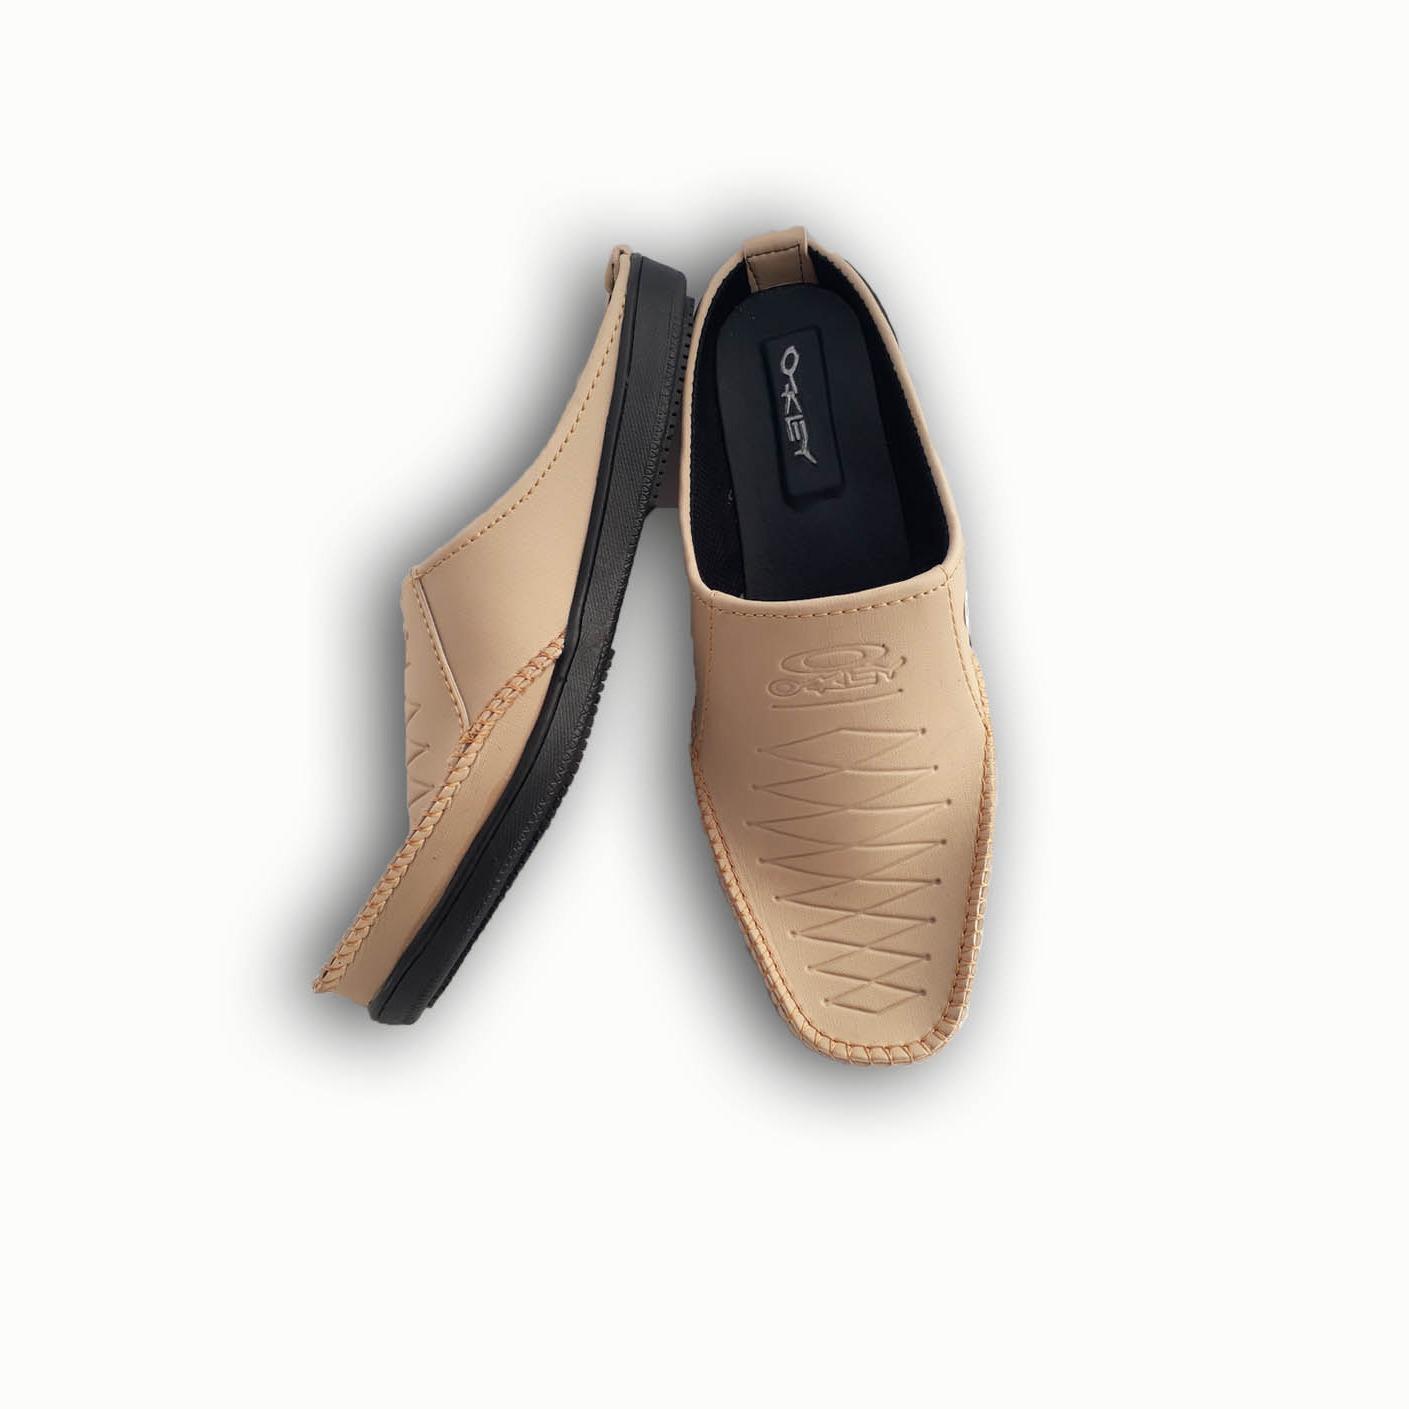 Cek Harga Baru Dr Kevin Sandal Pria 97195 Hitam Jenis Slop Men Sandals 97200 Tan Putih 41 Arjun4 Sepatu Selop Kulit Sintetis Kwl Pantofel